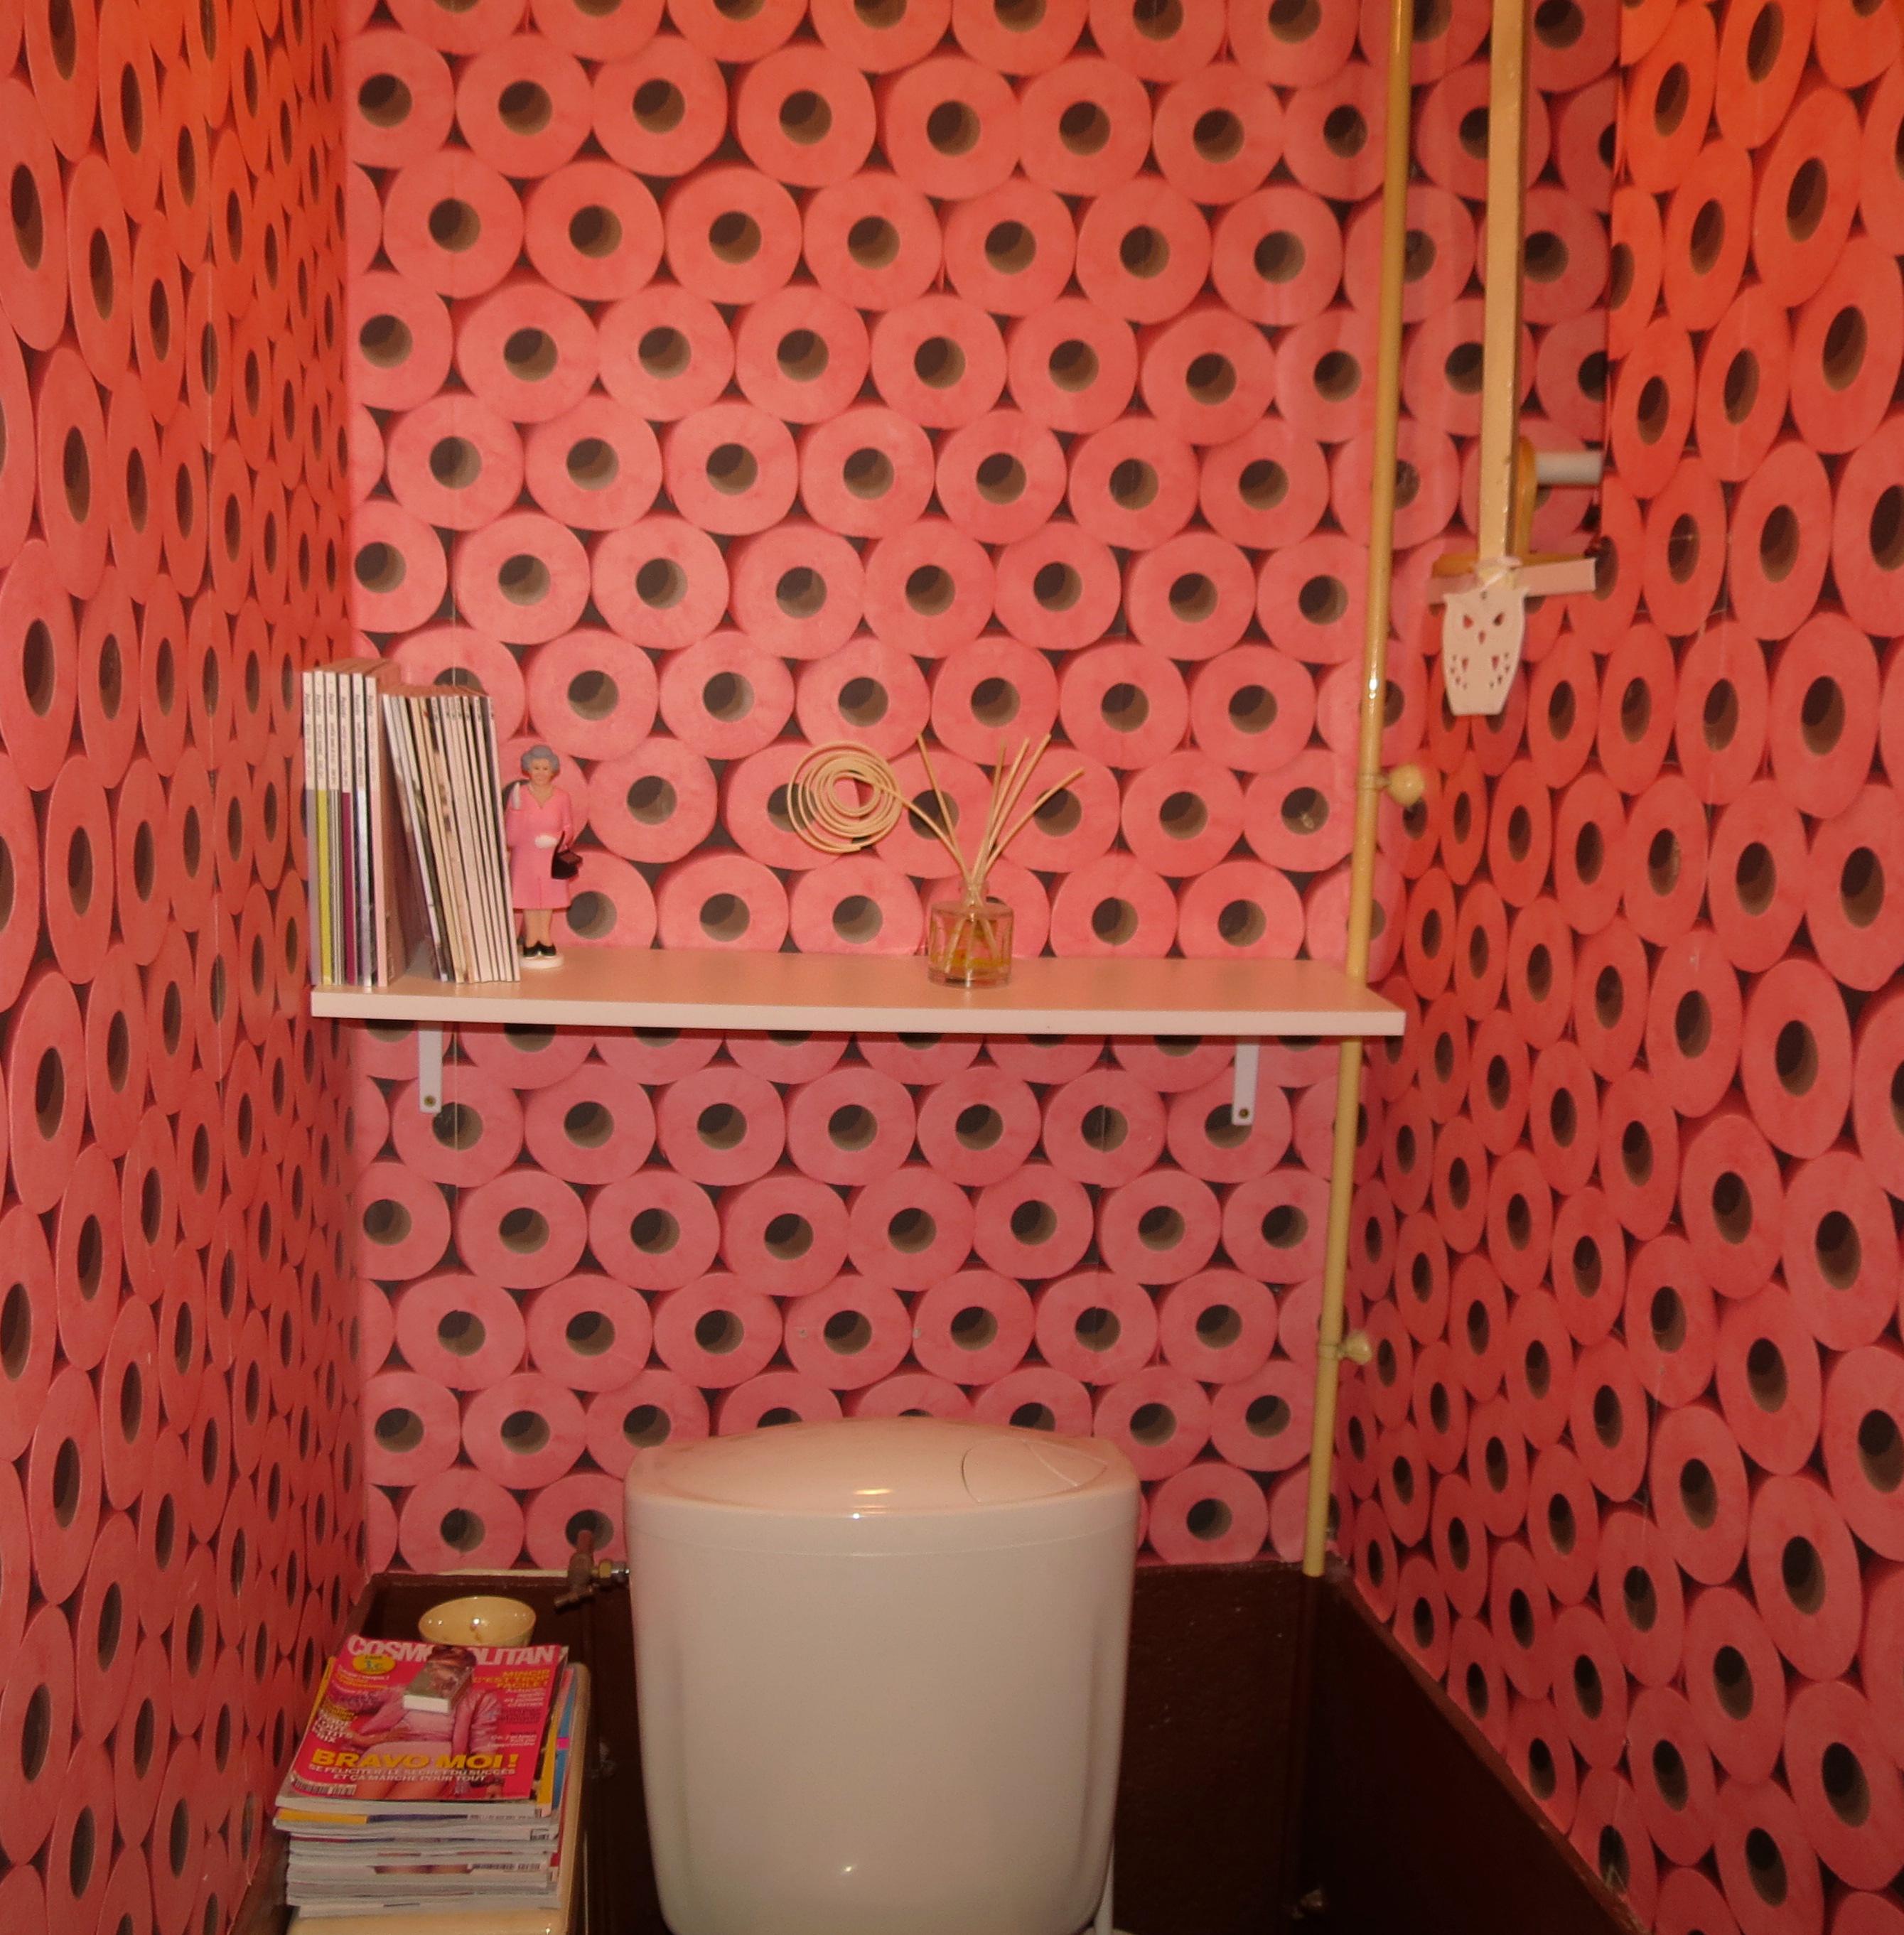 Toilette Papier Peint Latest Toilette Papier Peint With